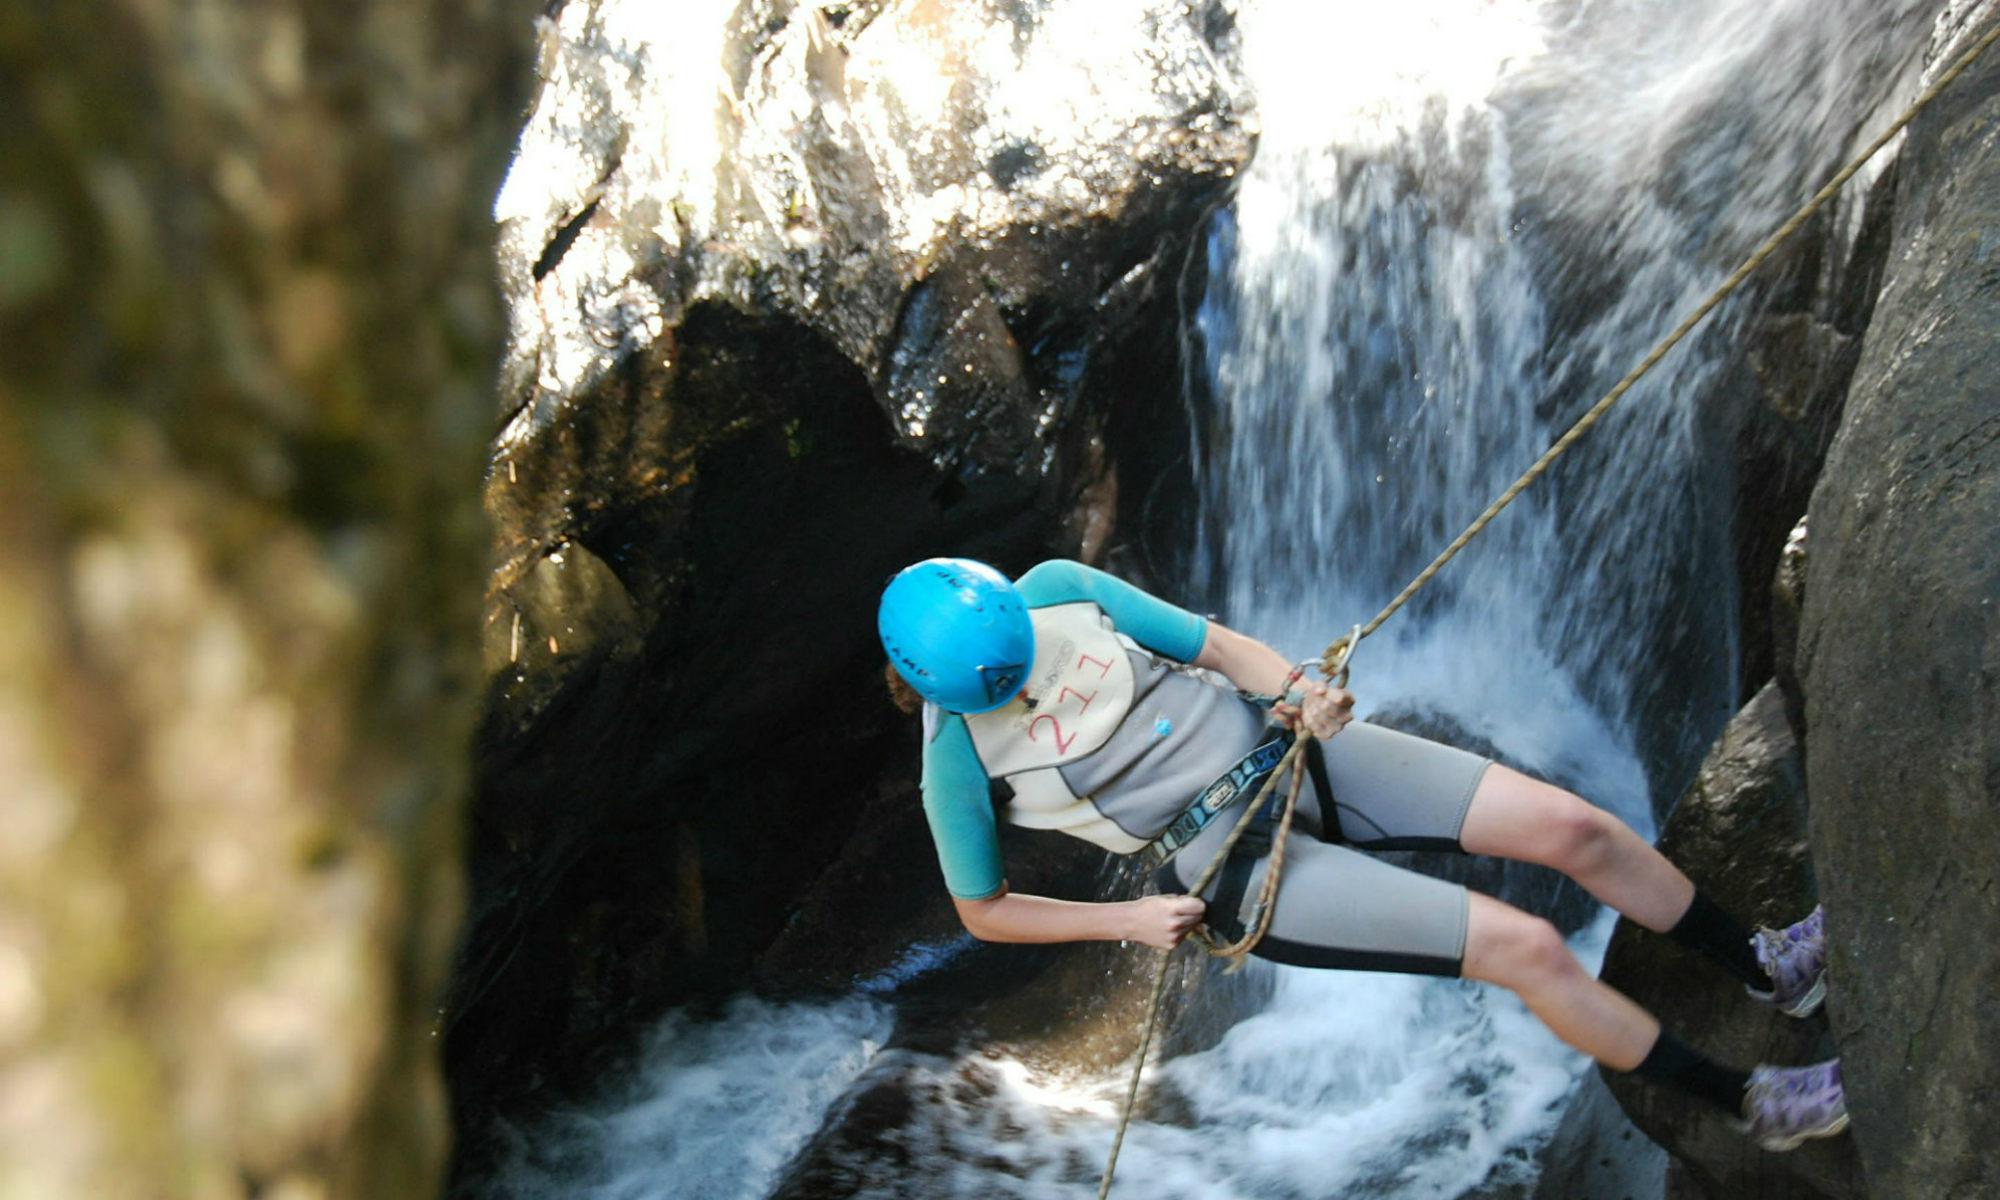 Ein Canyoning Teilnehmer seilt sich sicher eine 15 m hohe Felswand in der Starzlachklamm hinunter.